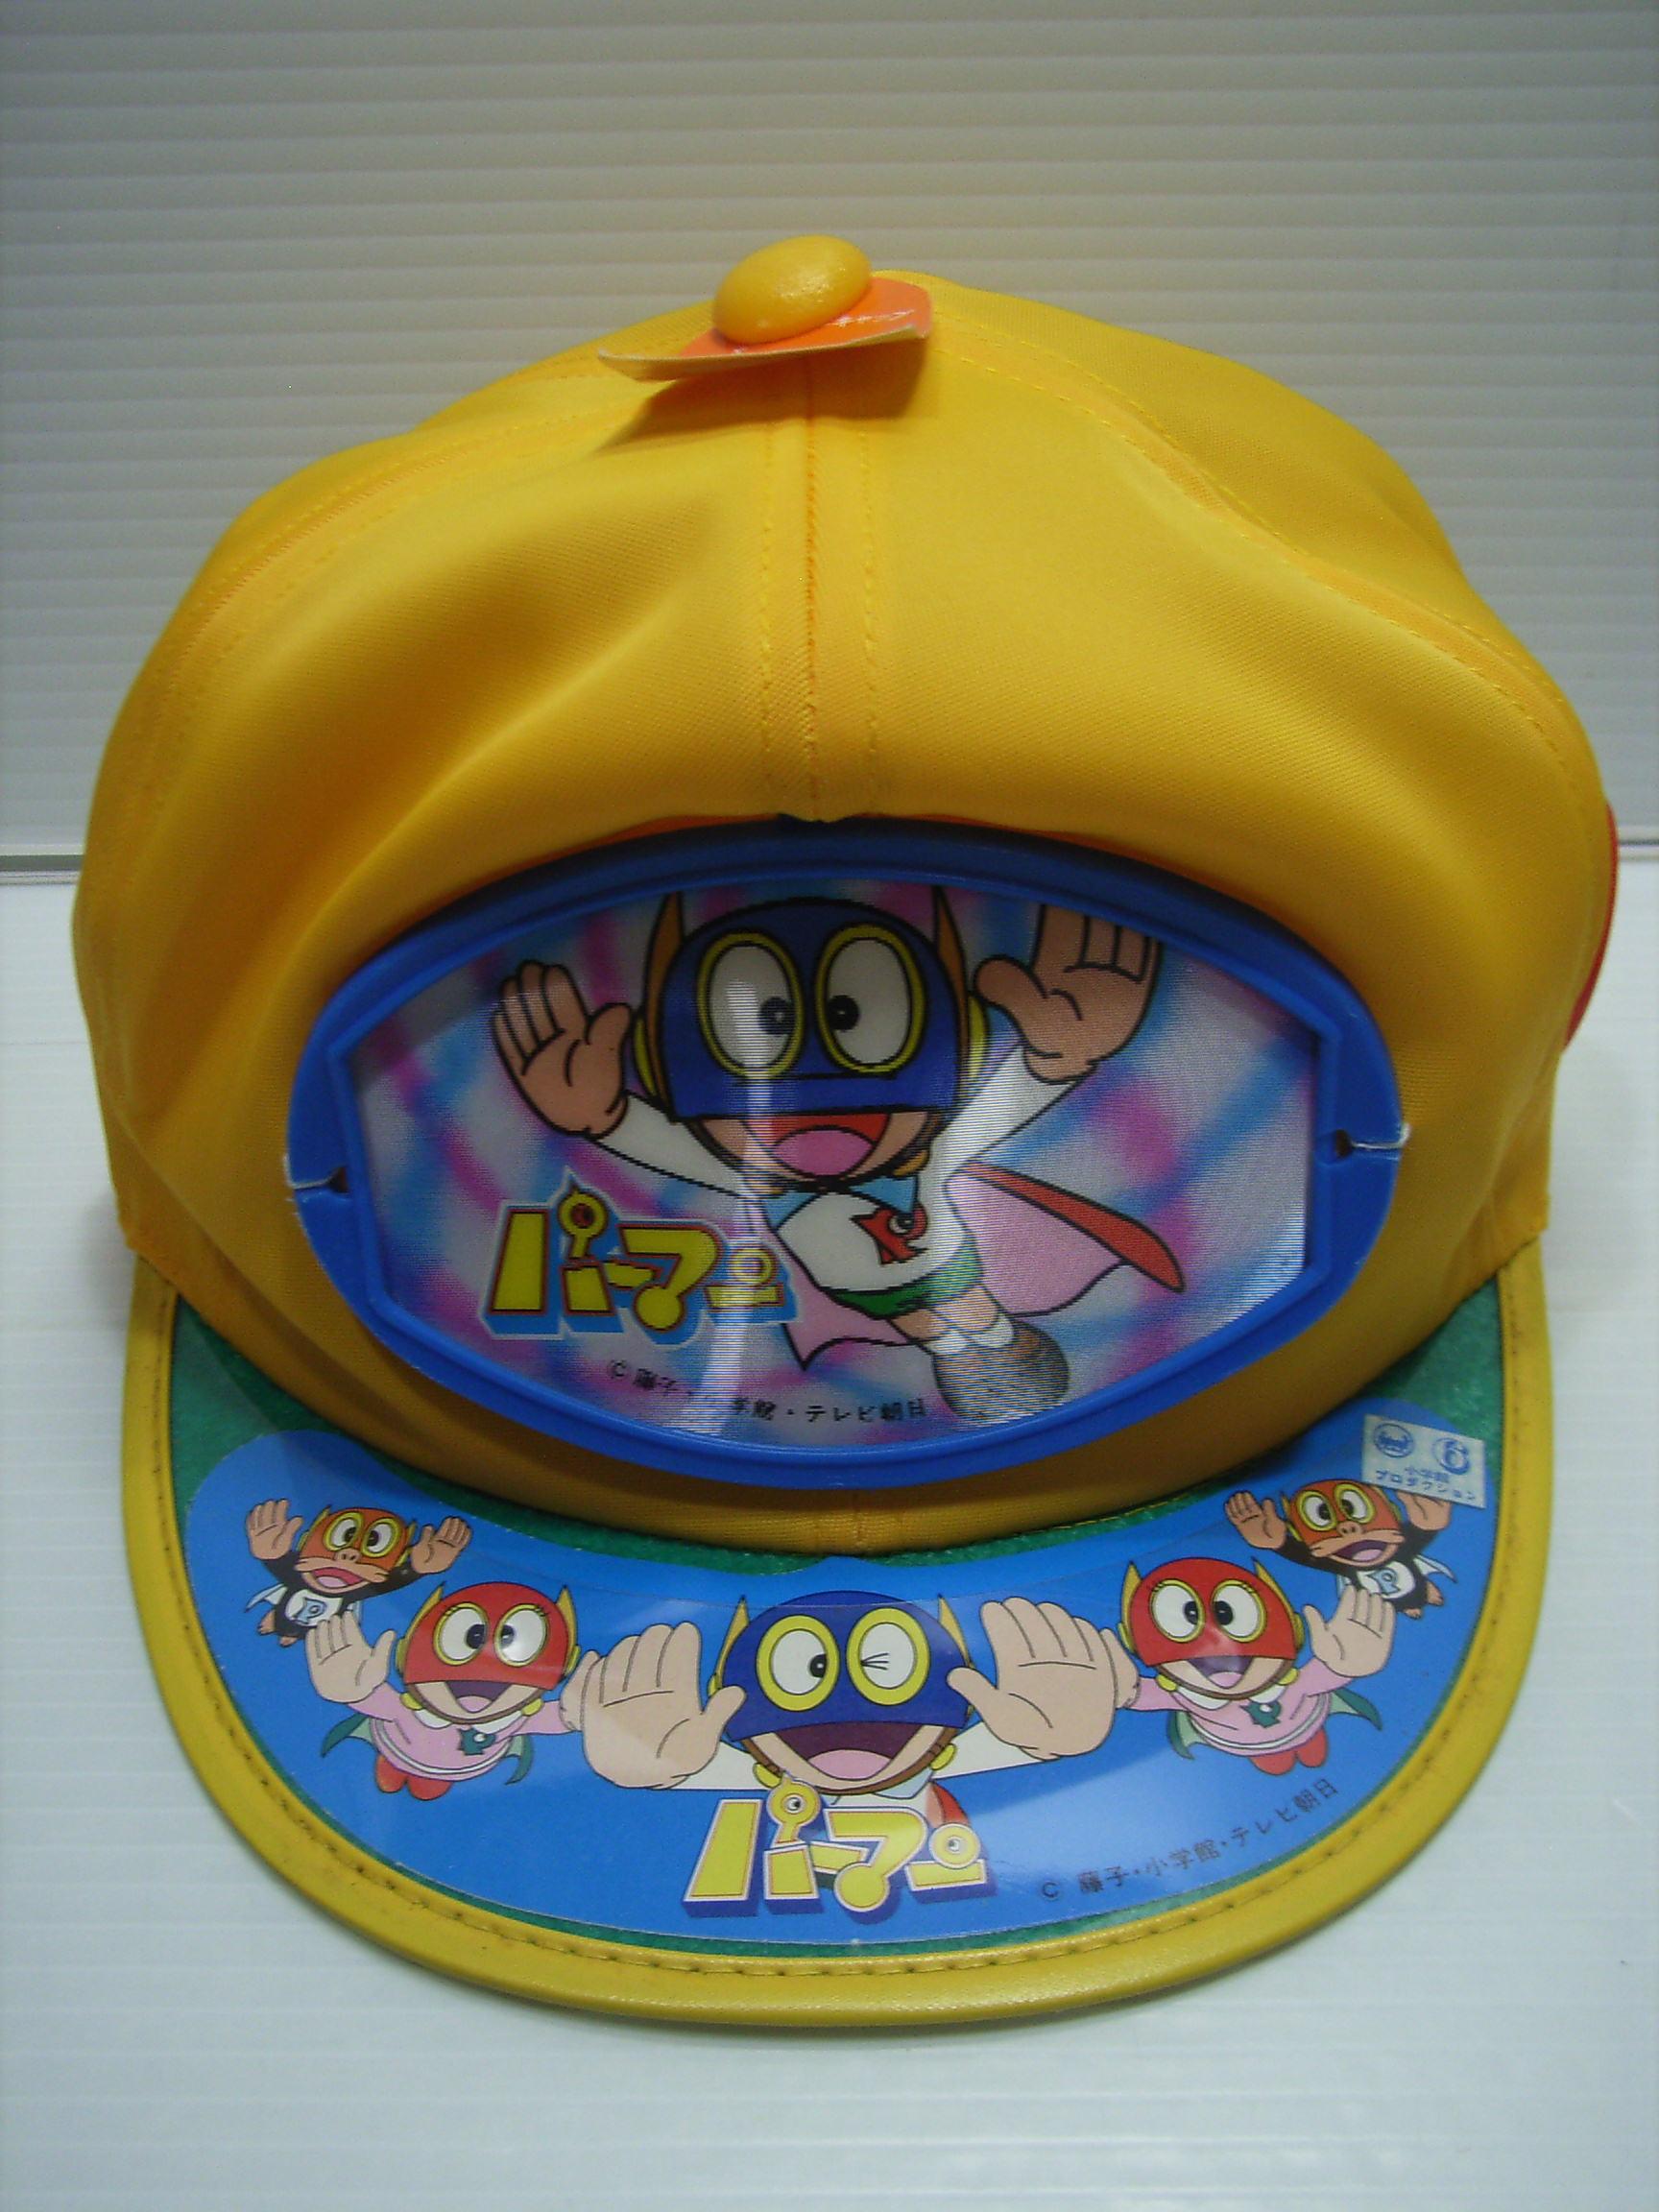 ☆青色になります☆パーマン 子供用キャップ 帽子 サイズ 53cm 当時物 バッチ付 JAPAN 現状 【TO3574】